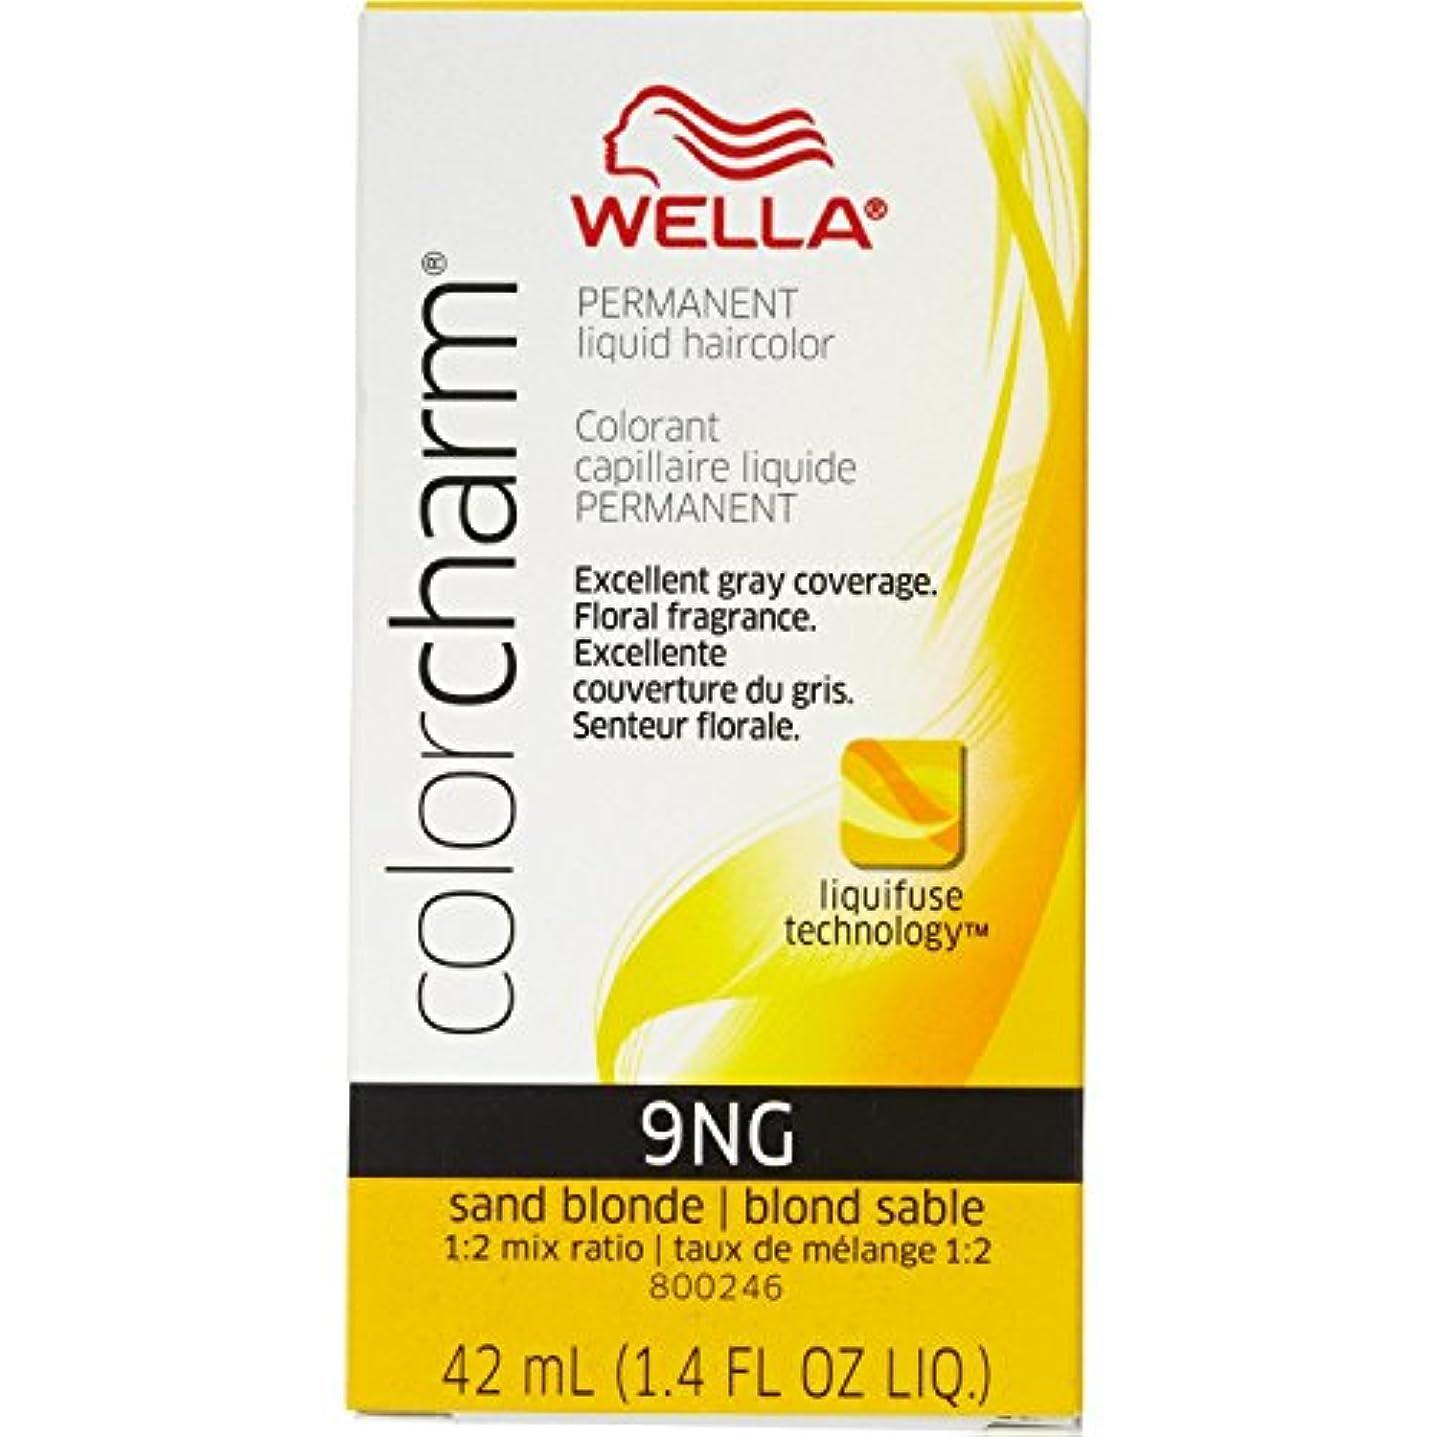 絶滅タイトル時折Wella 砂のブロンド色のチャーム液体パーマネントヘアカラー